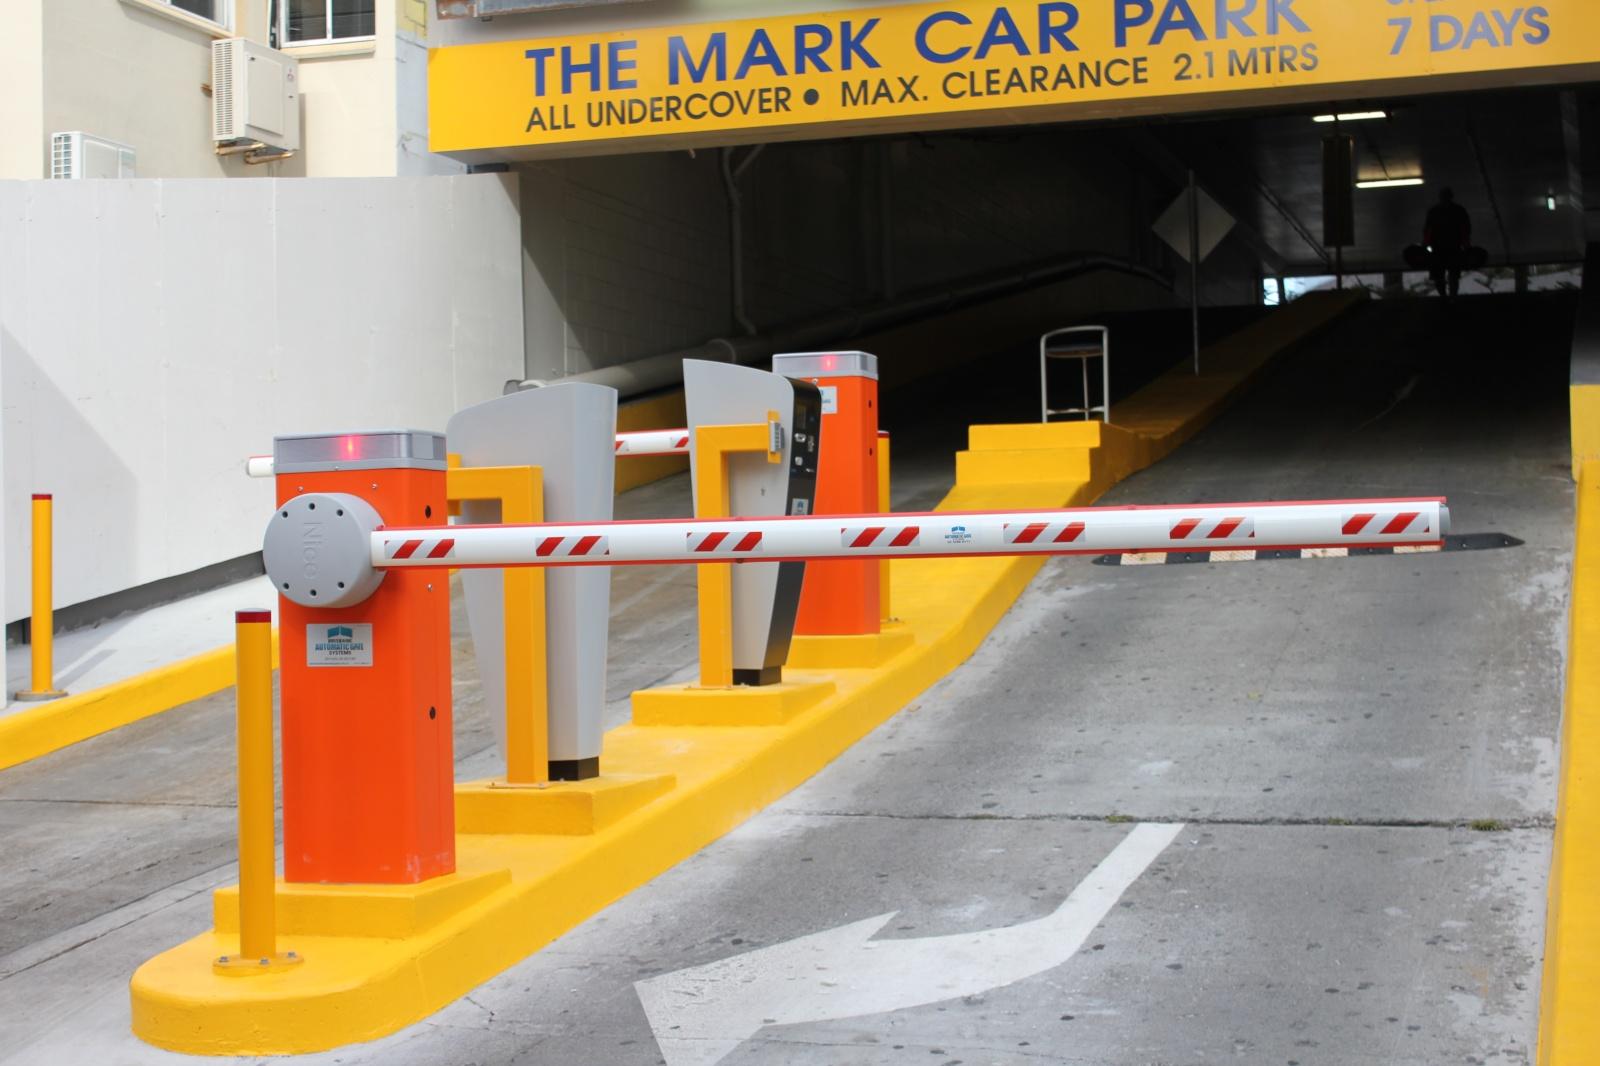 Car Parking Solution Surfers Paradise Mark Car Park